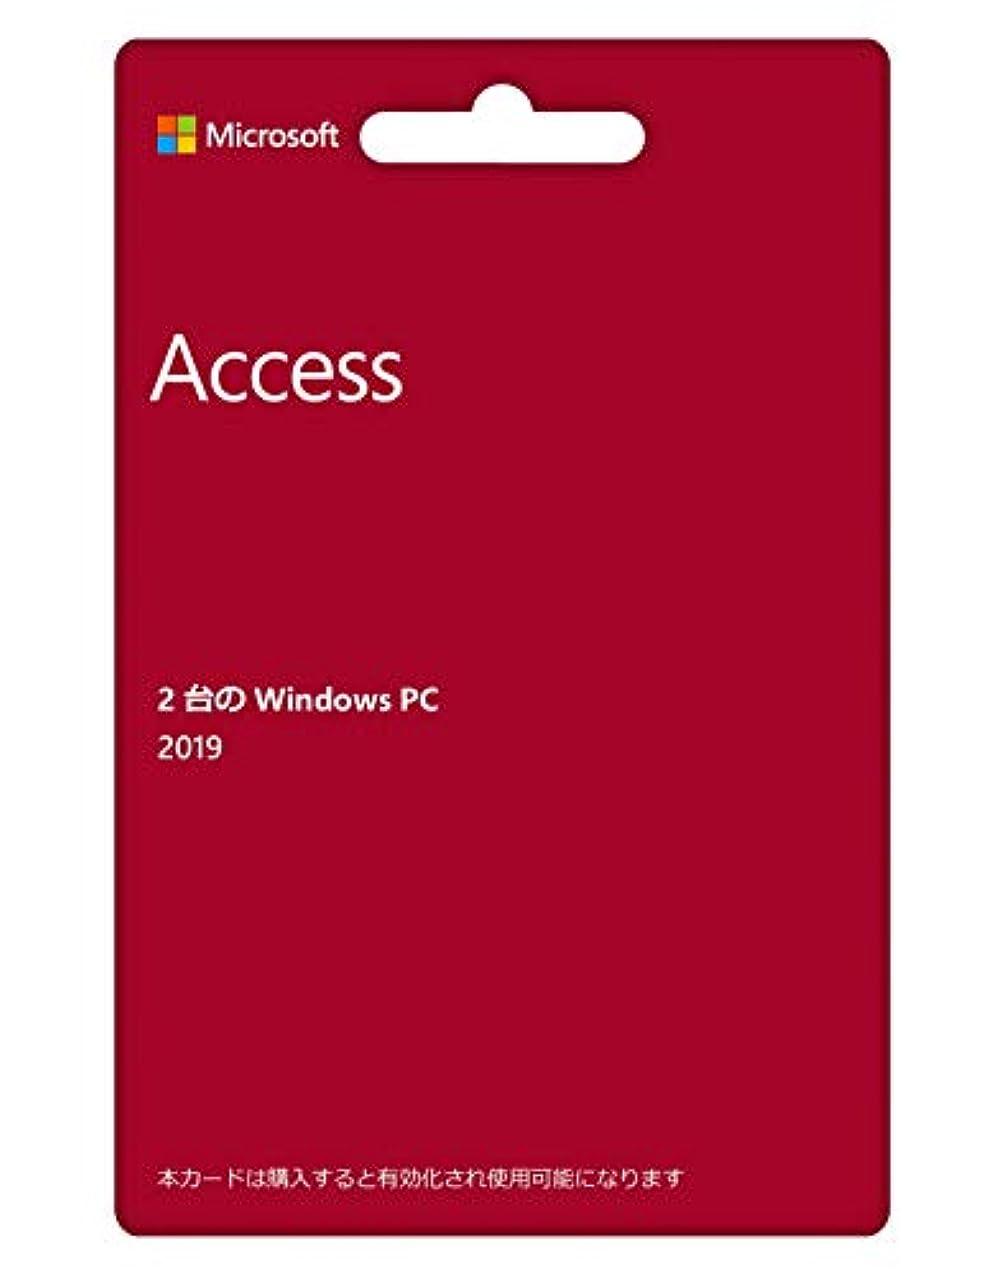 羨望大きなスケールで見ると散文Microsoft Access 2019(最新 永続版)|カード版|Windows10|PC2台